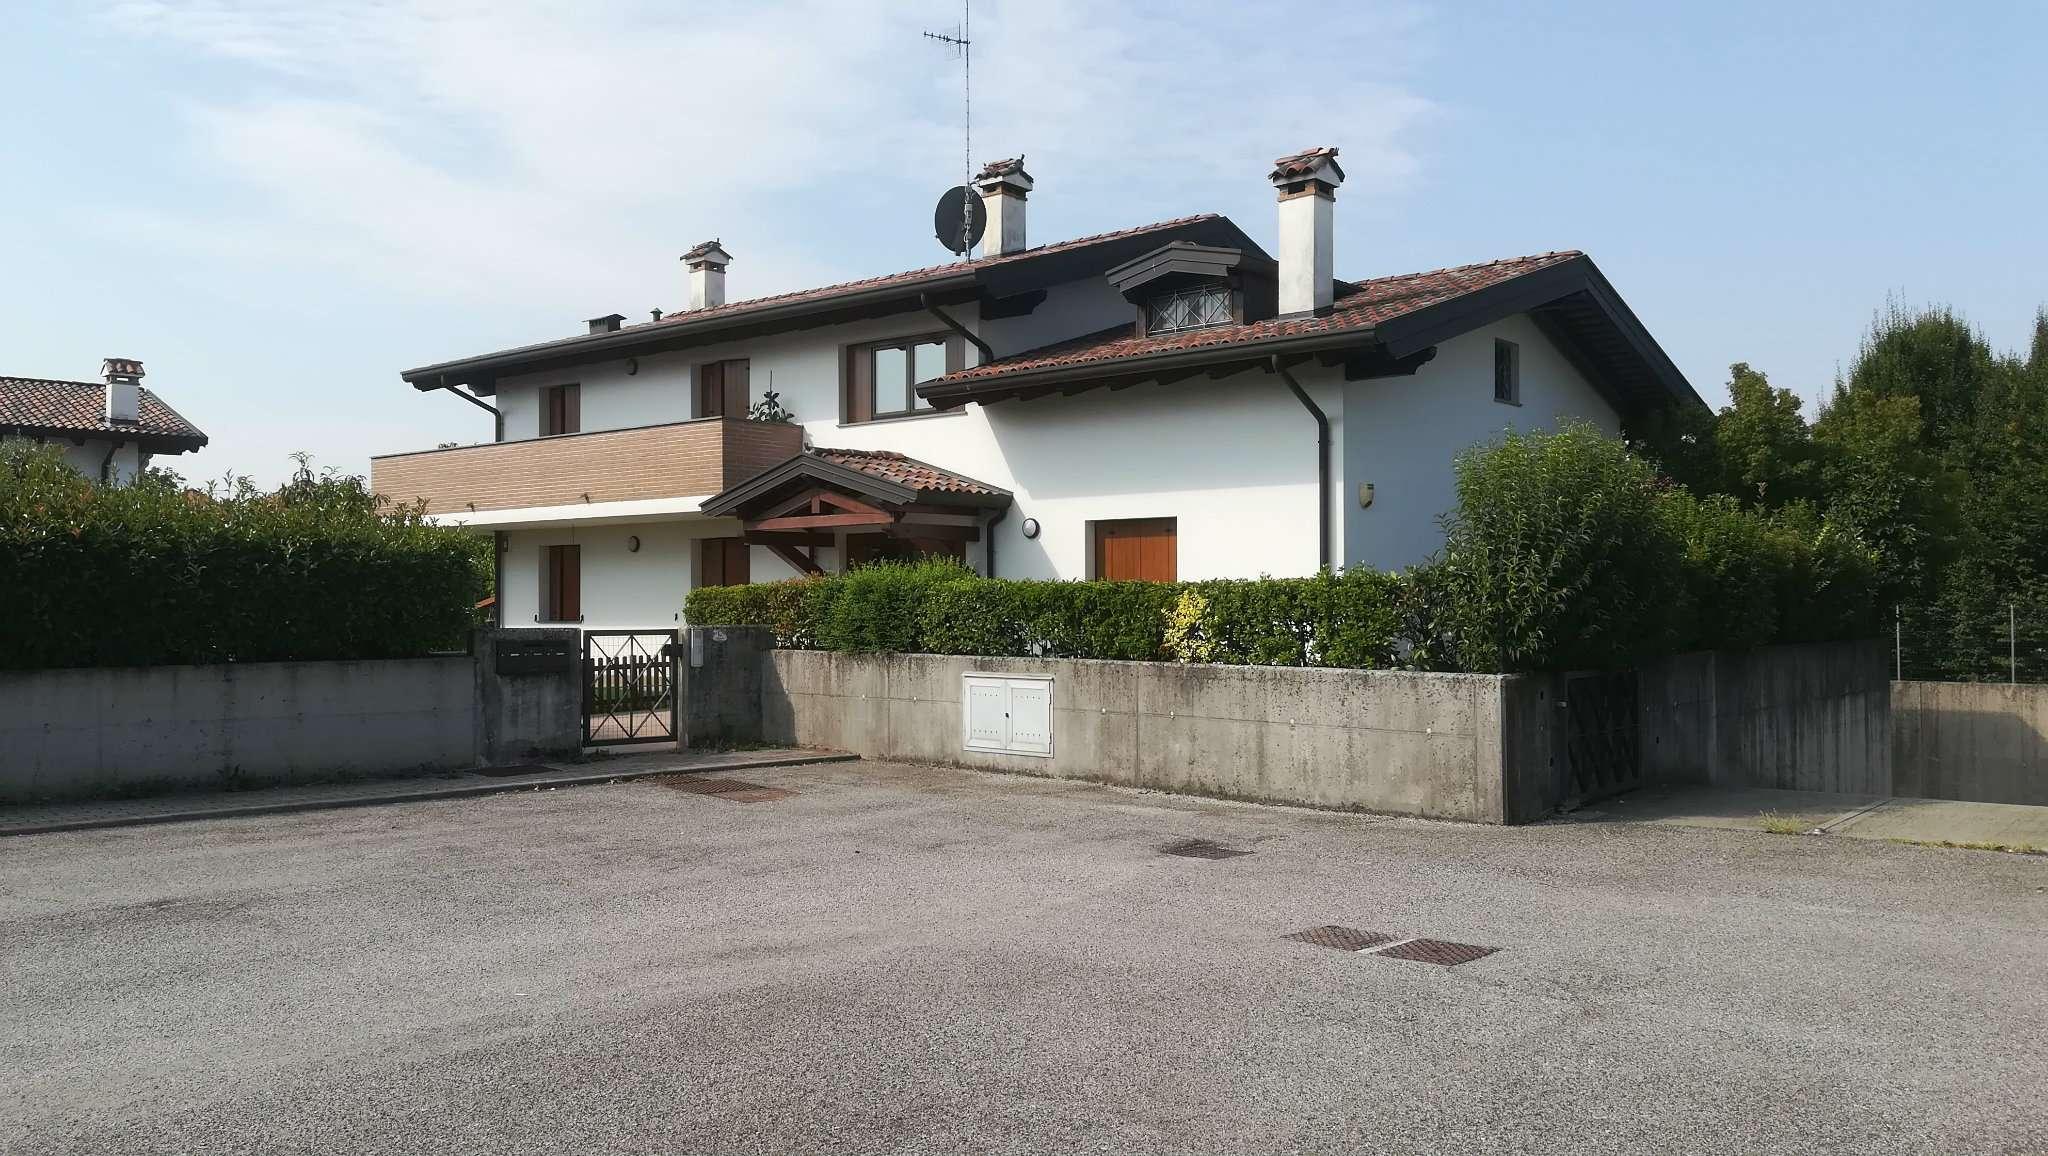 Appartamento in vendita a Udine, 5 locali, prezzo € 175.000 | CambioCasa.it